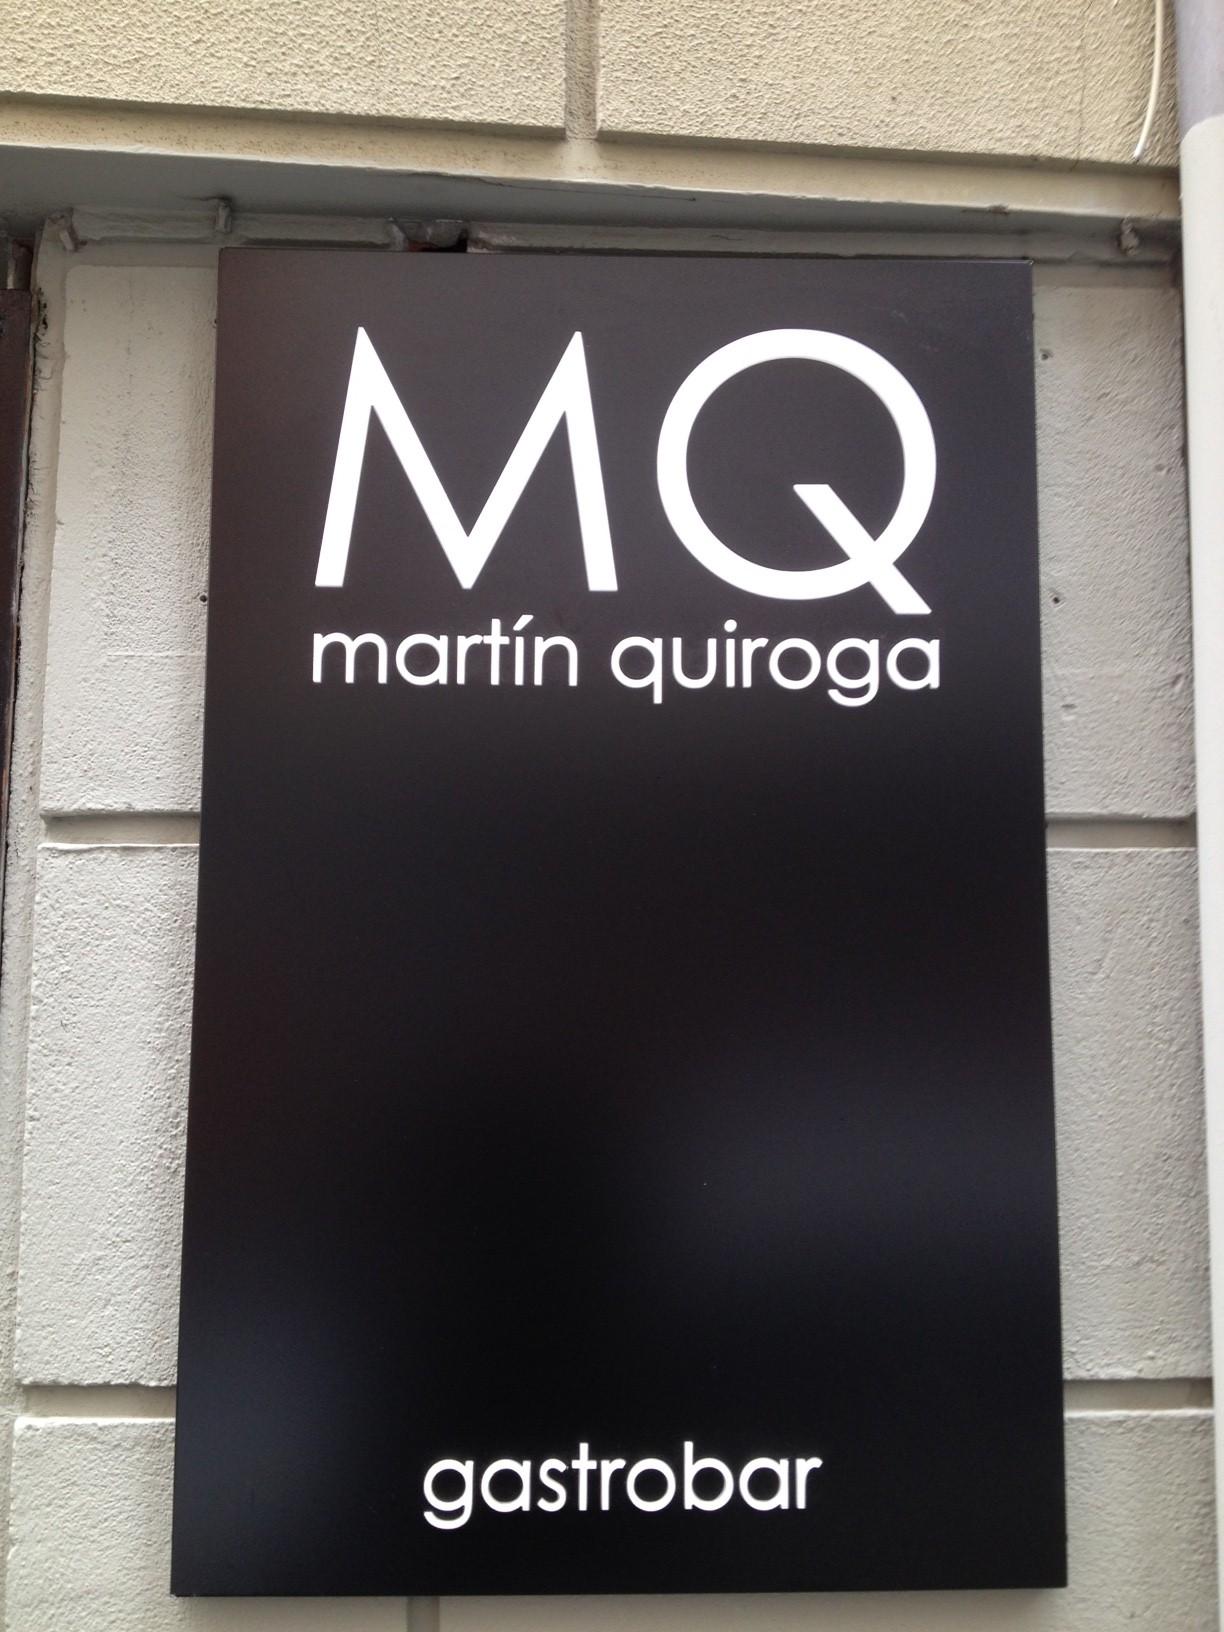 Martin Quiroga  en Valladolid Entrada del Restaurante